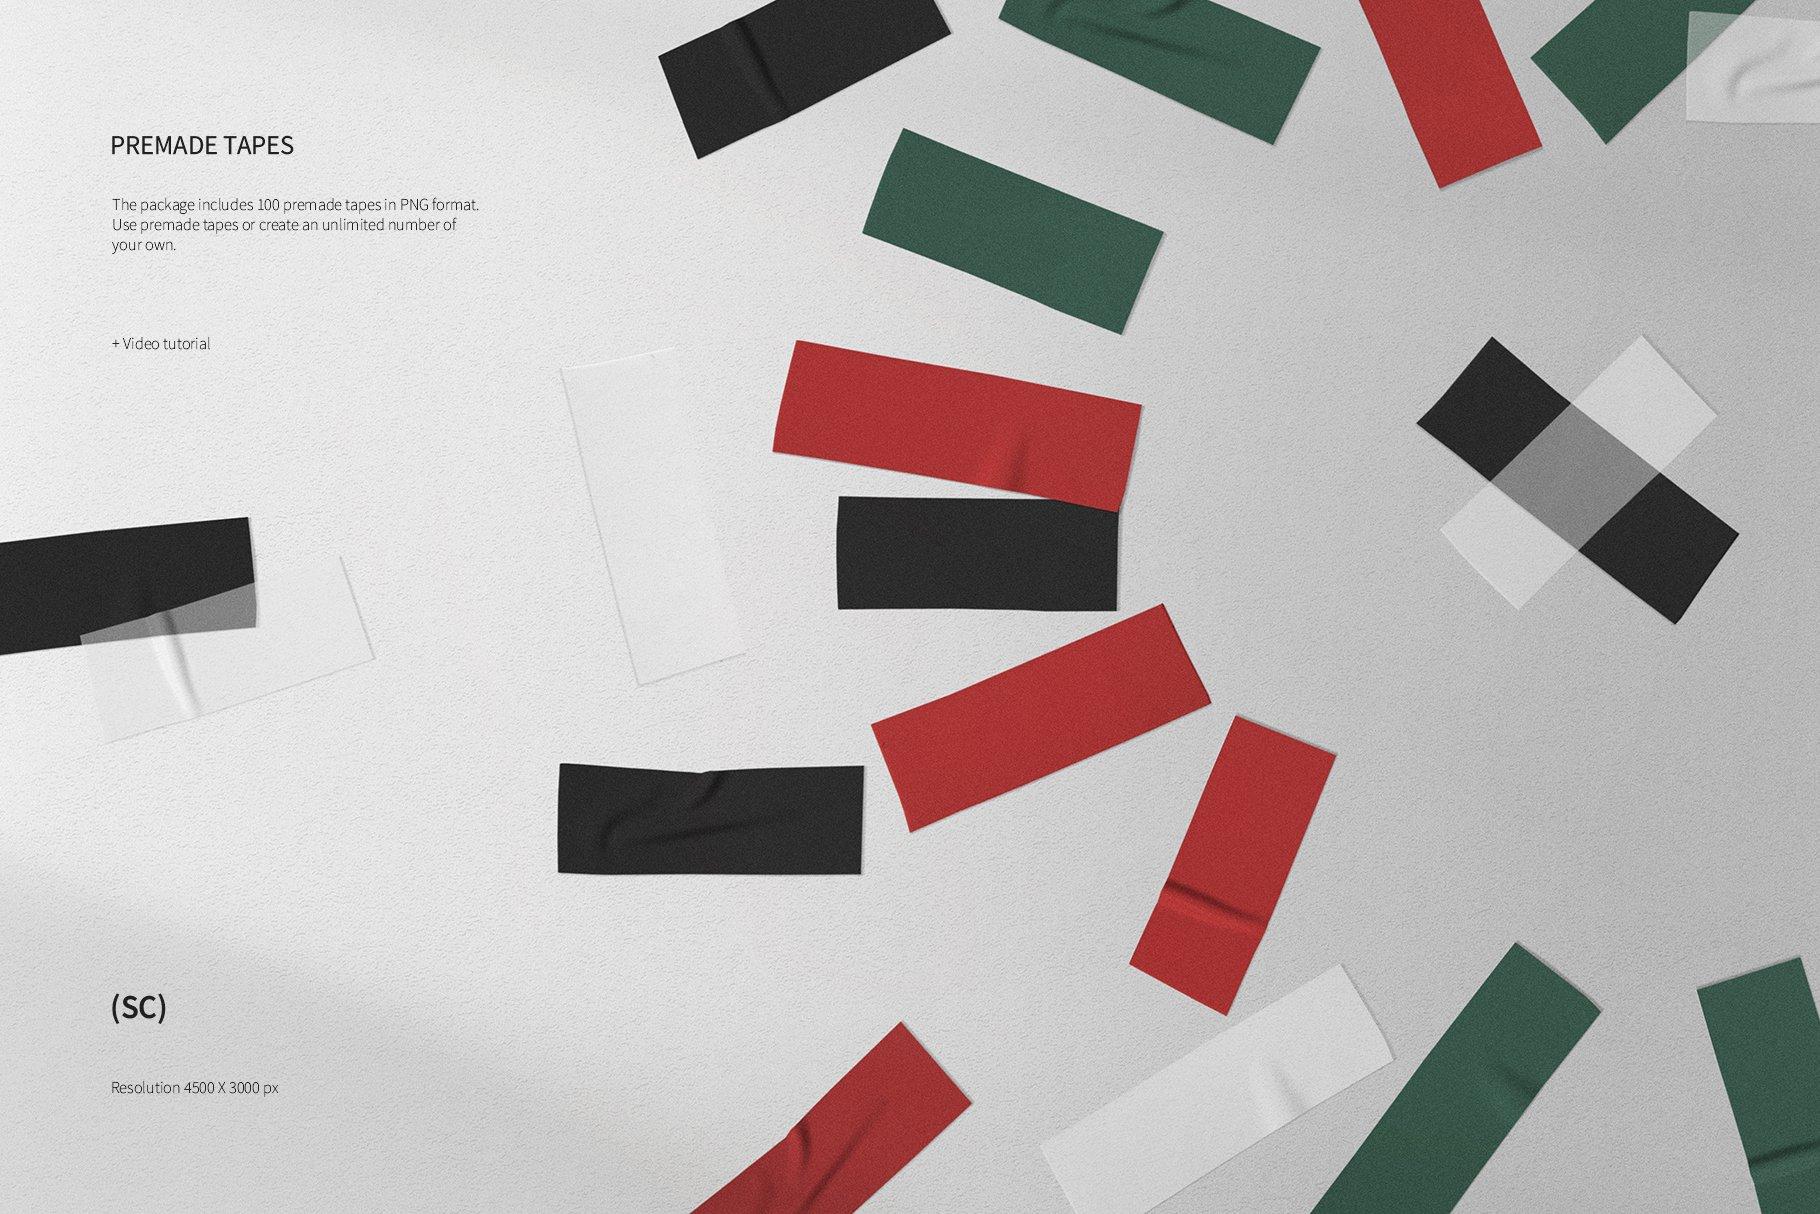 55款高清不干胶胶带贴纸PNG透明免抠图片素材 Tape Creator插图(8)